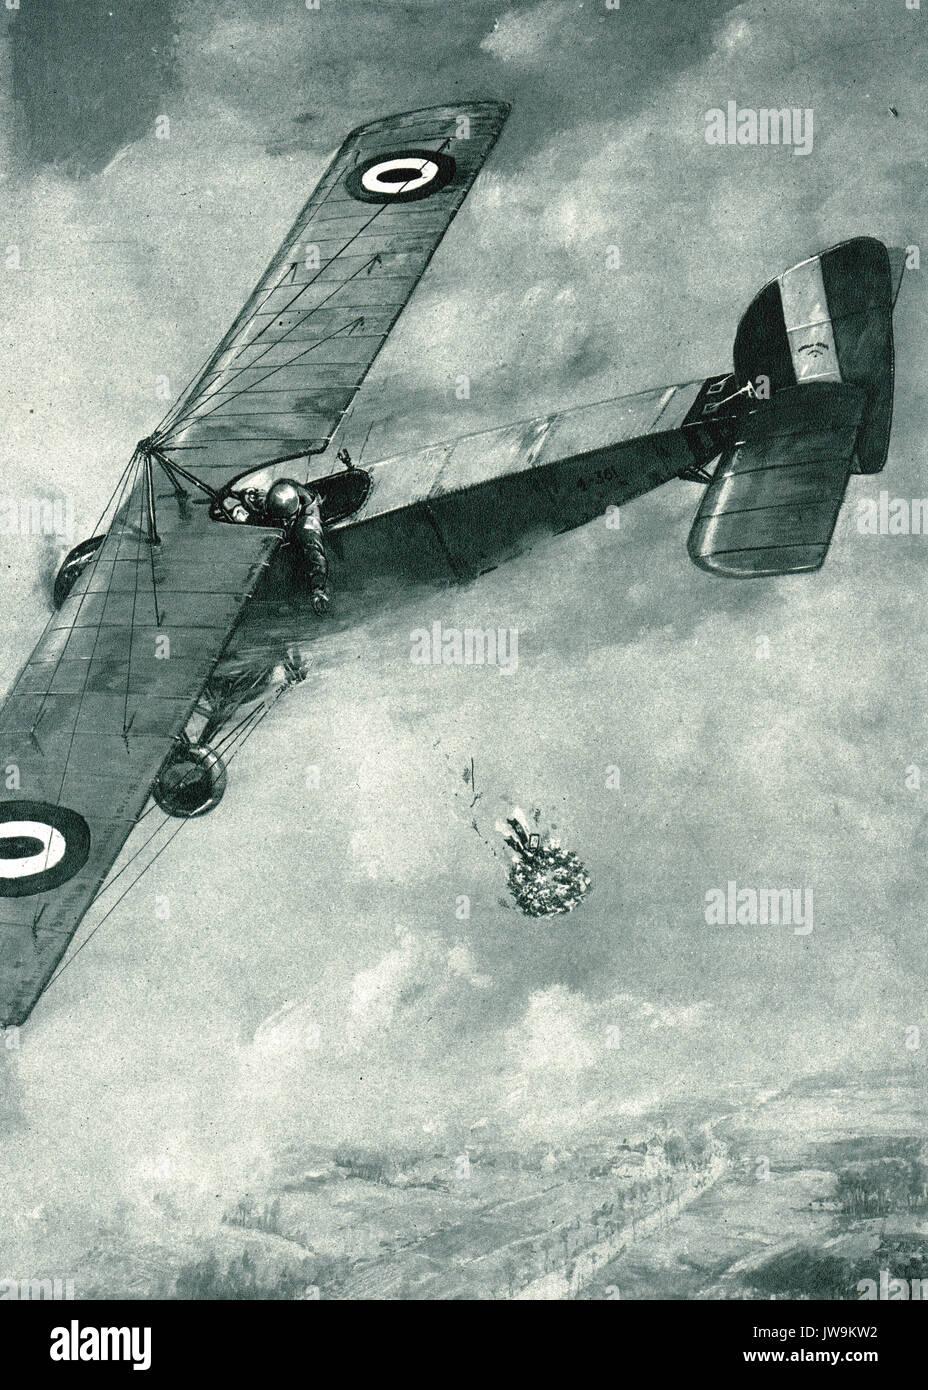 Caída piloto una ofrenda floral sobre la tumba de un camarada, enterrados en las líneas alemanas. WW1 Imagen De Stock